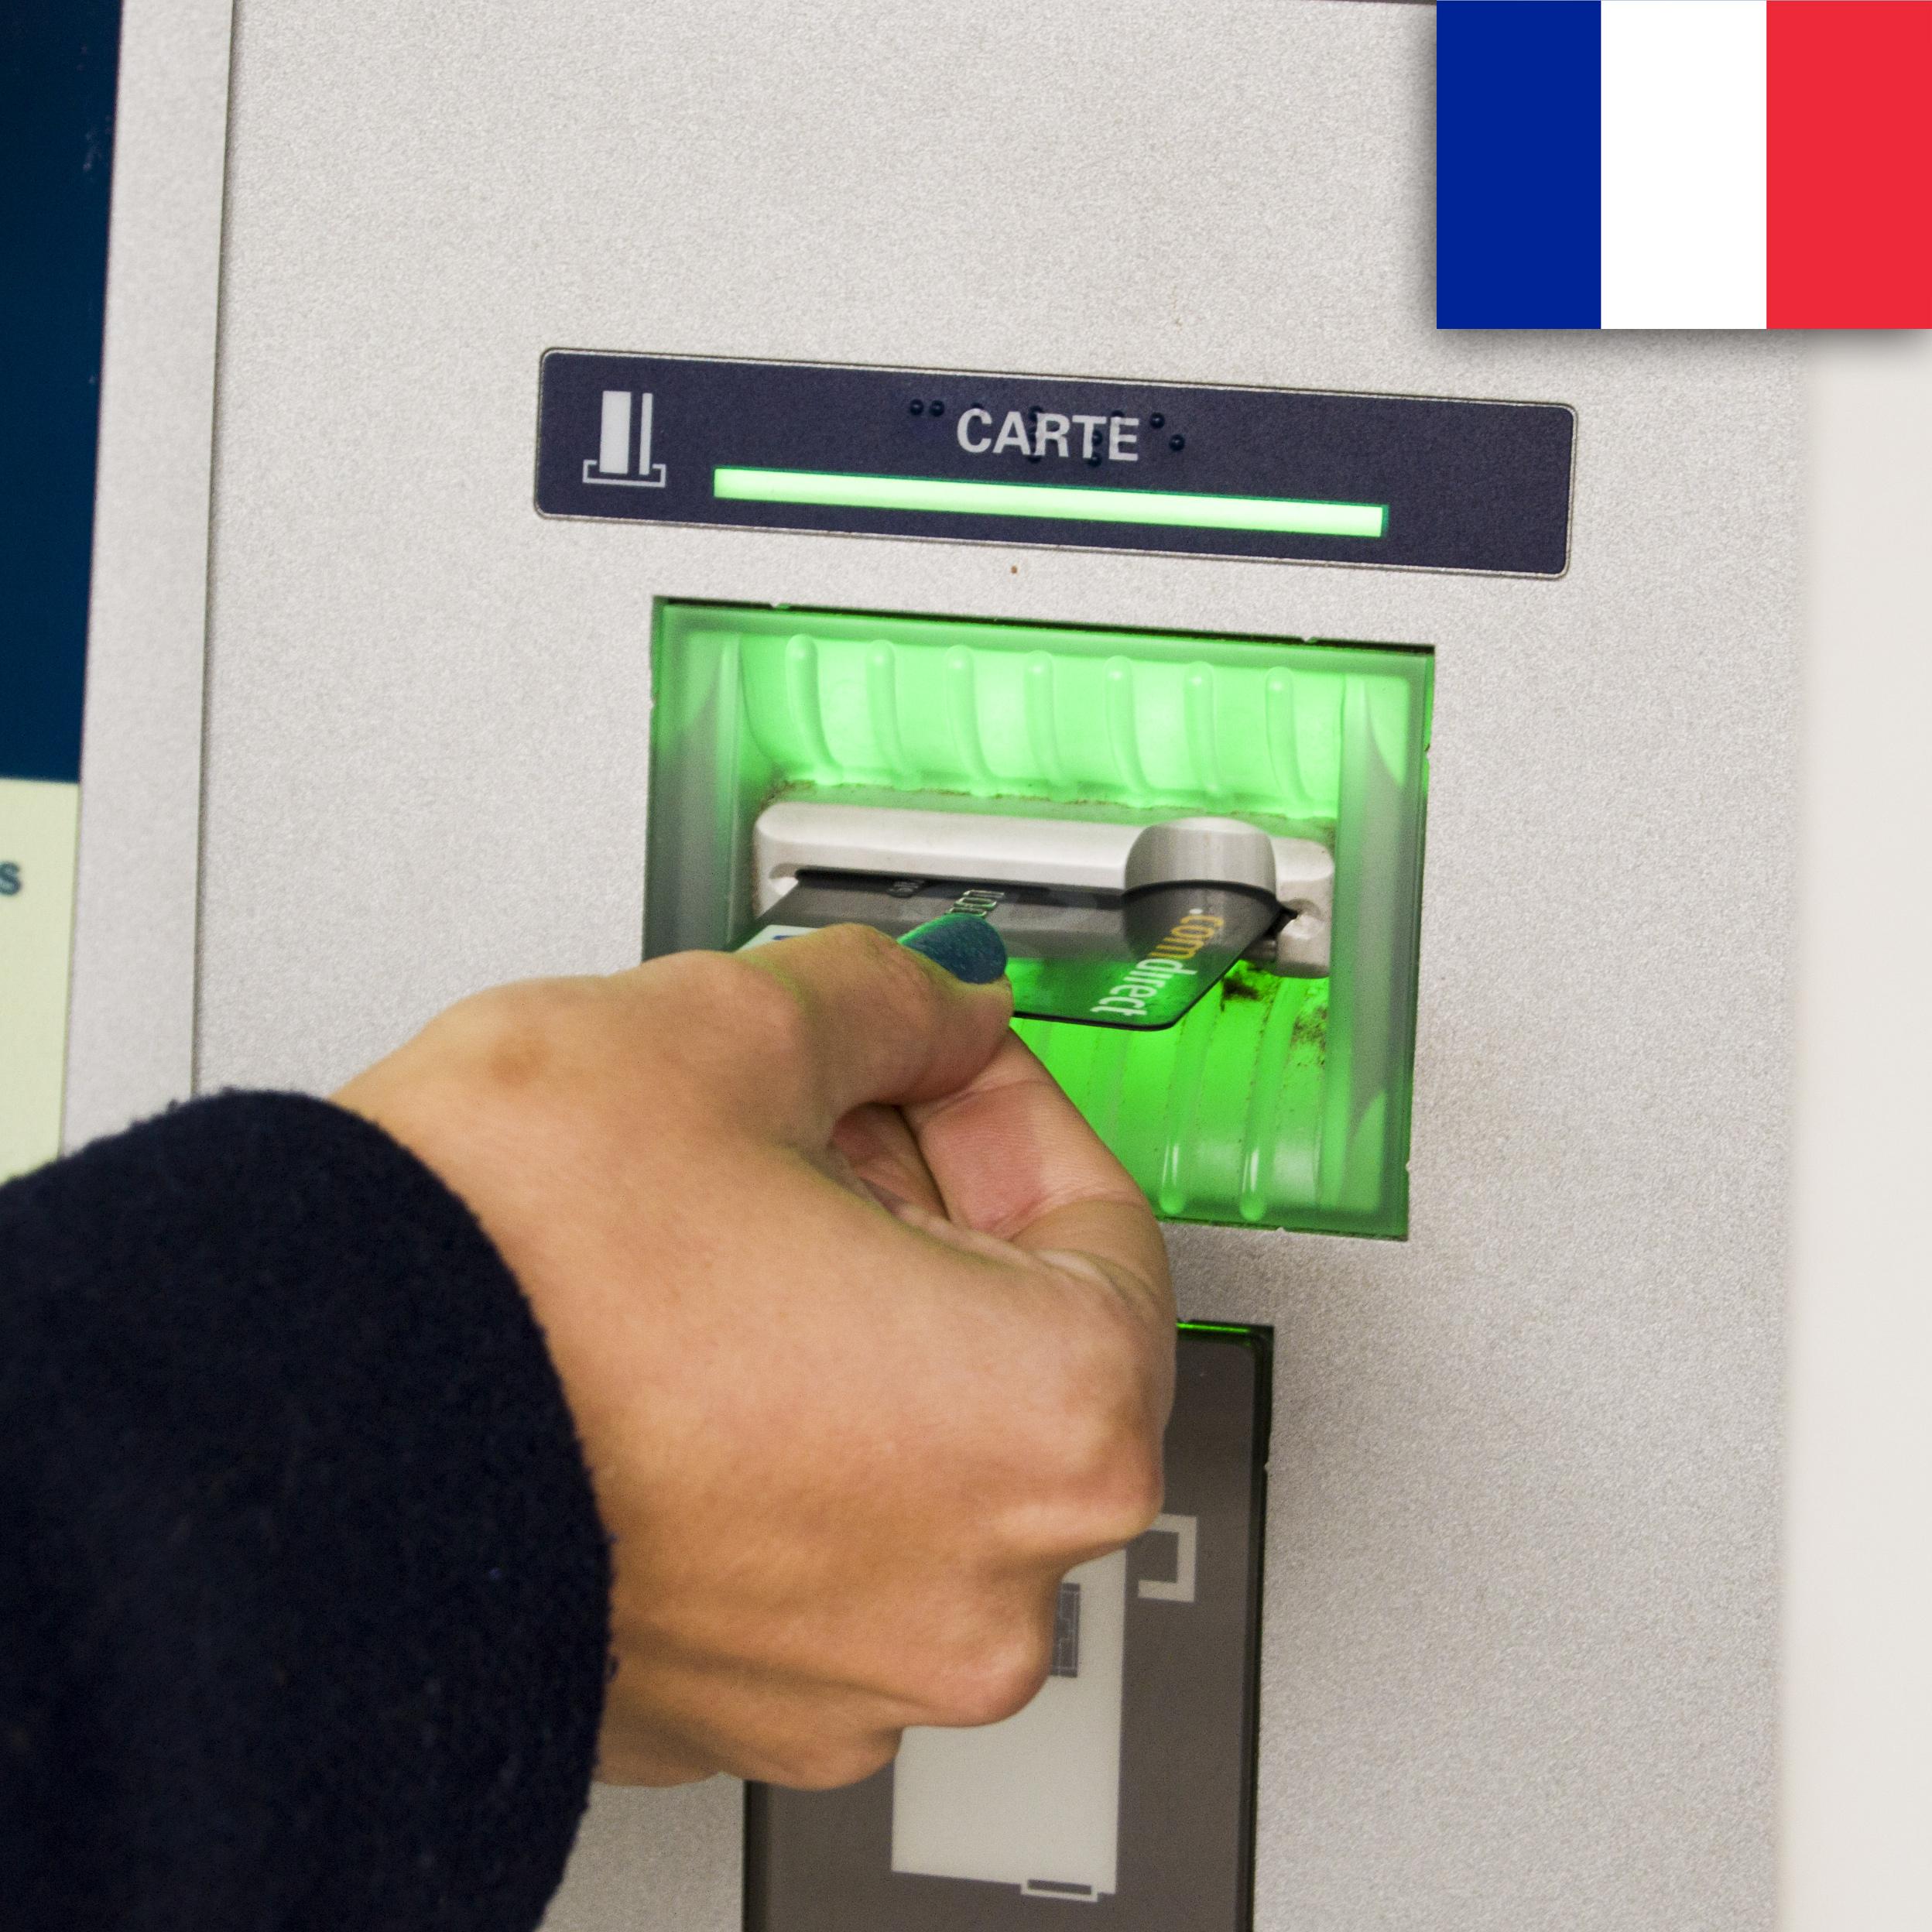 visa im ausland geld abheben gebühren